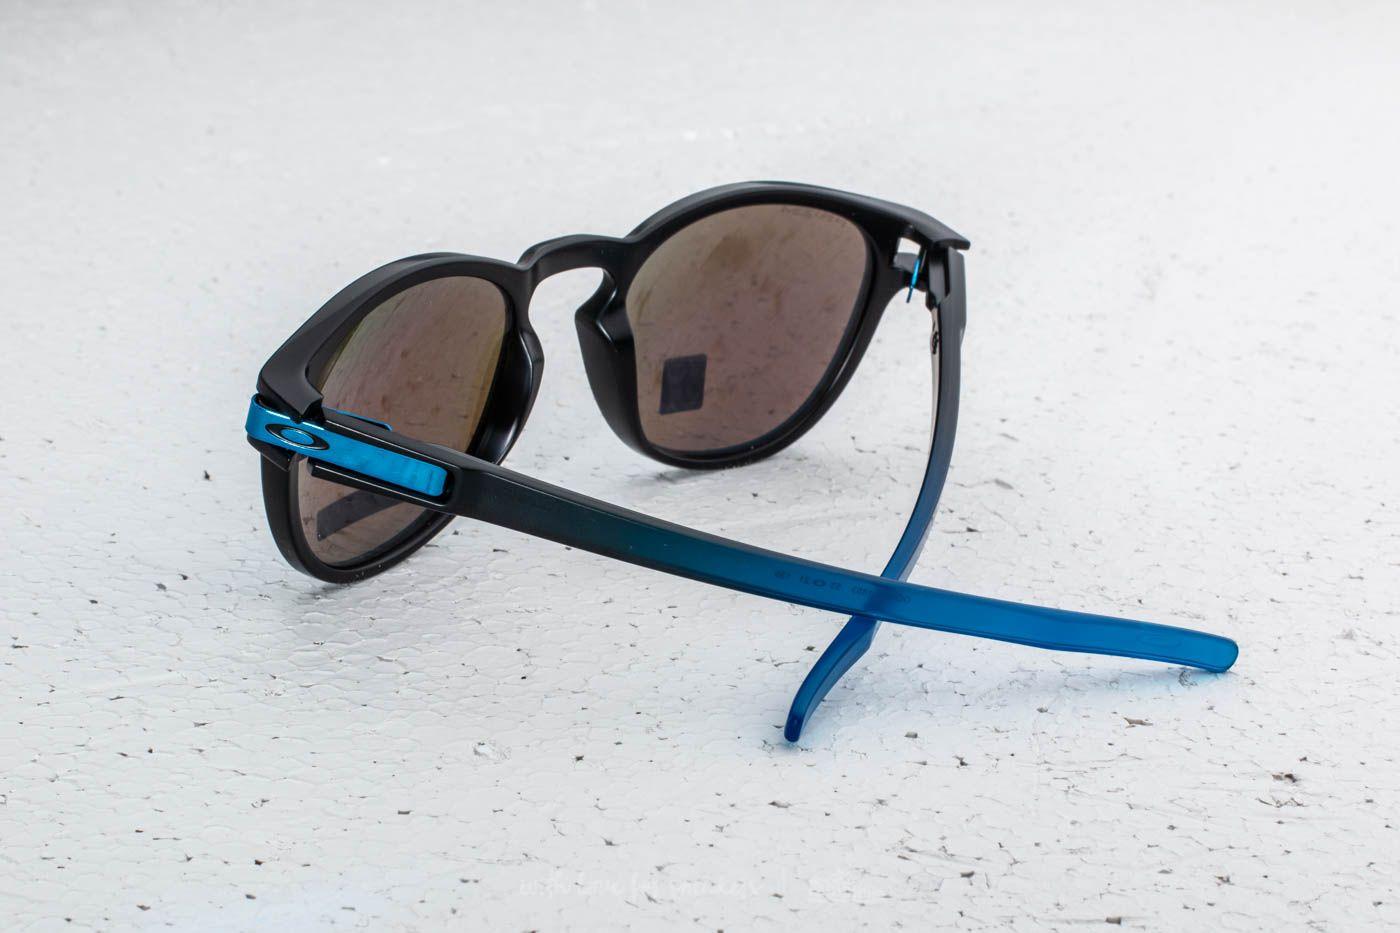 53701c9564182 oakley prizm sapphire Oakley Latch Sunglasses Sapphire Fade  Prizm Sapphire  Polarized .